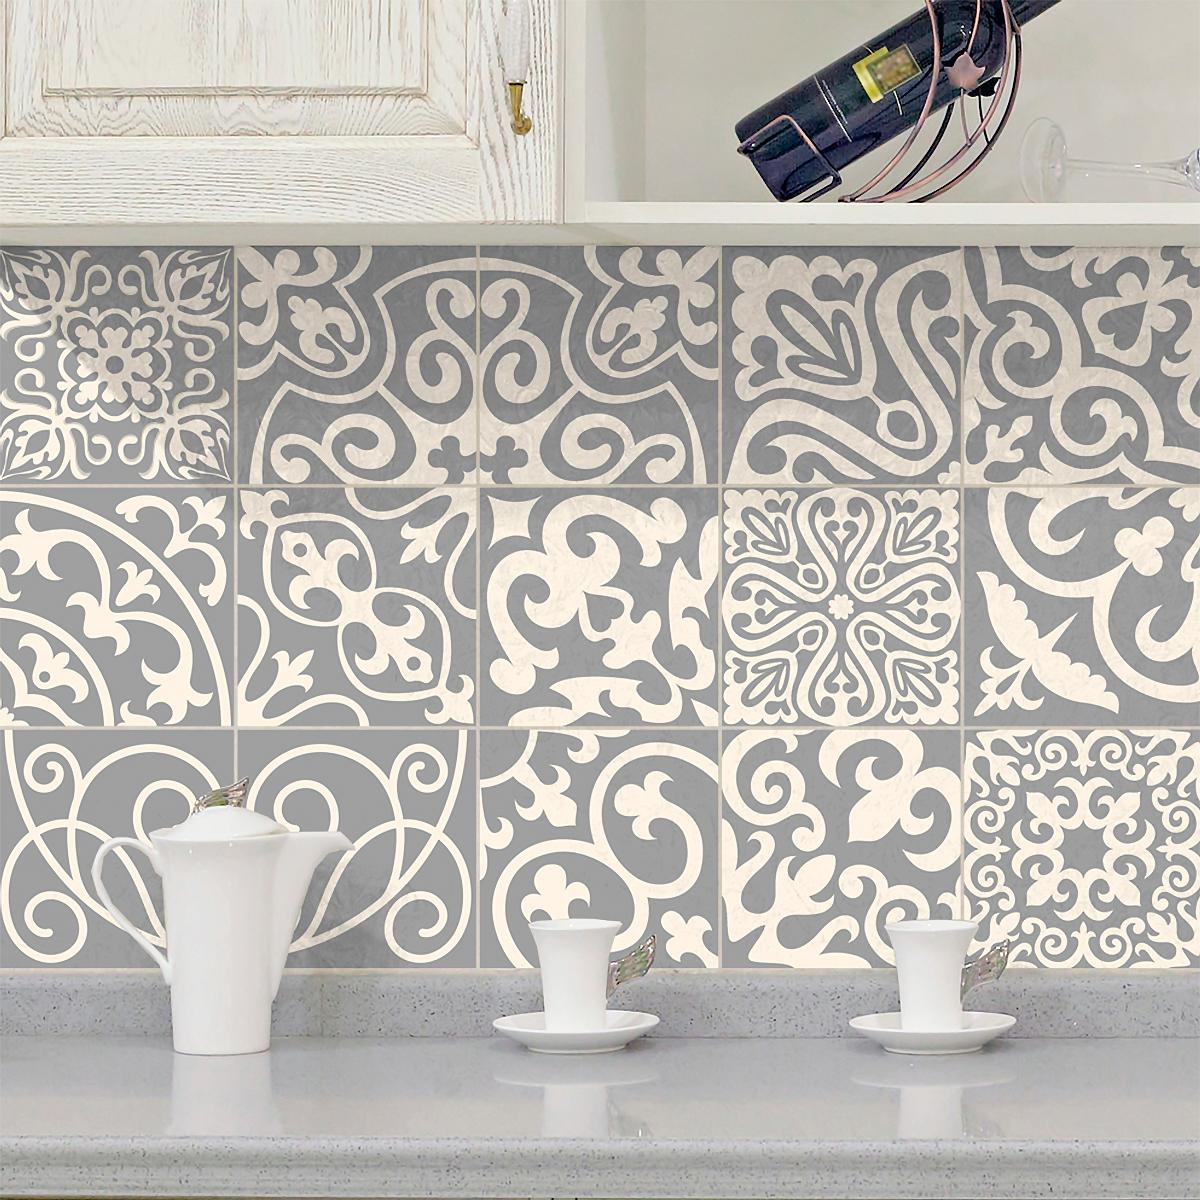 15 stickers carrelages azulejos nuances de gris palaos cuisine carrelages ambiance sticker. Black Bedroom Furniture Sets. Home Design Ideas